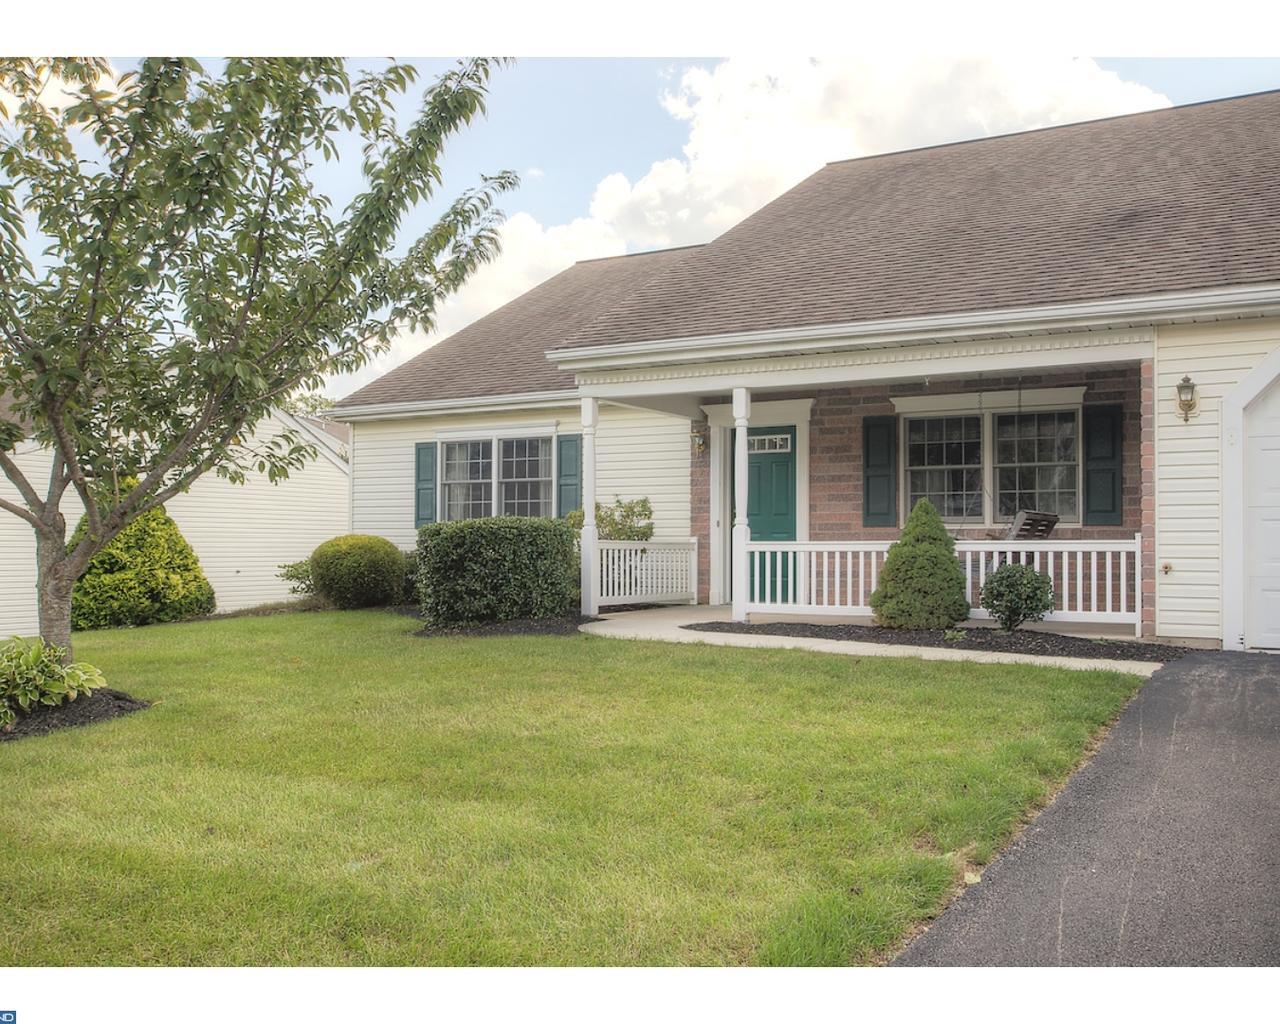 2518 School House Ln, Narvon, PA 17555